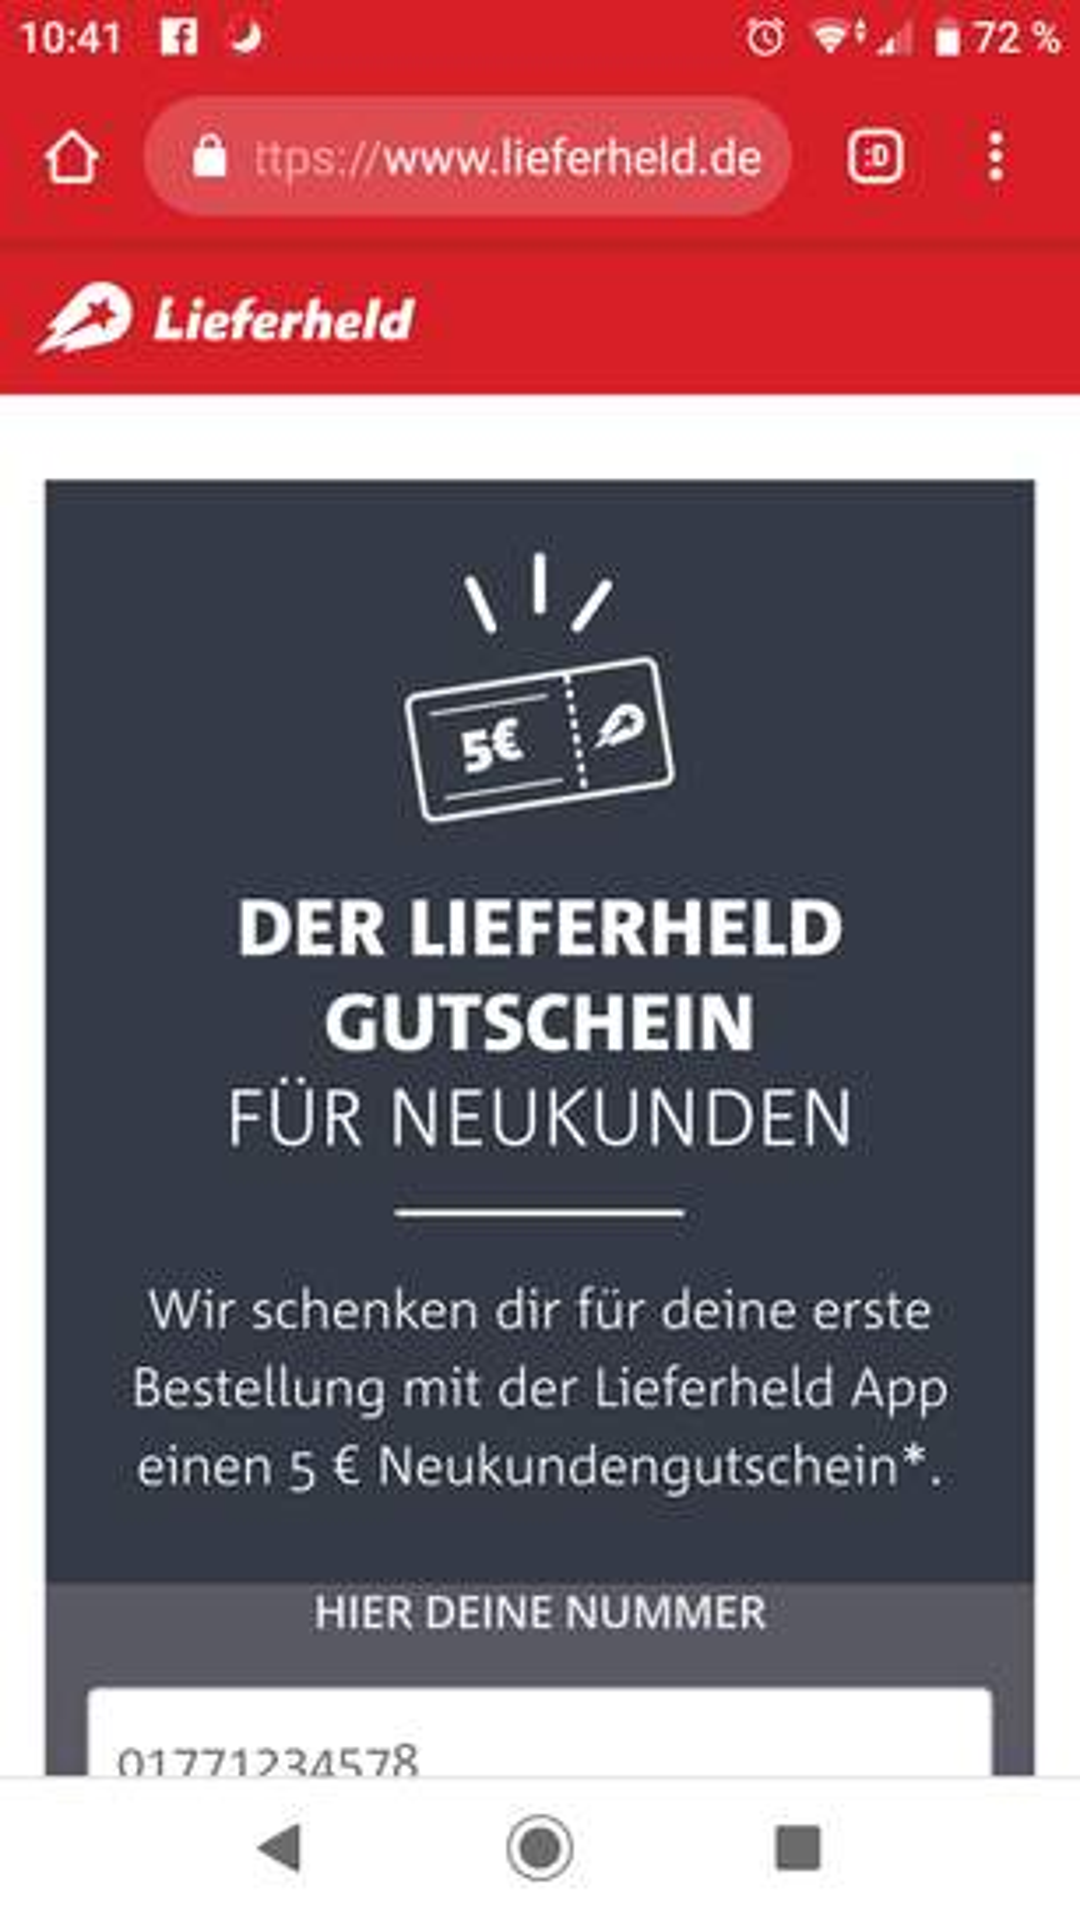 HTTPS //WWW.LIEFERHELD.DE GUTSCHEIN